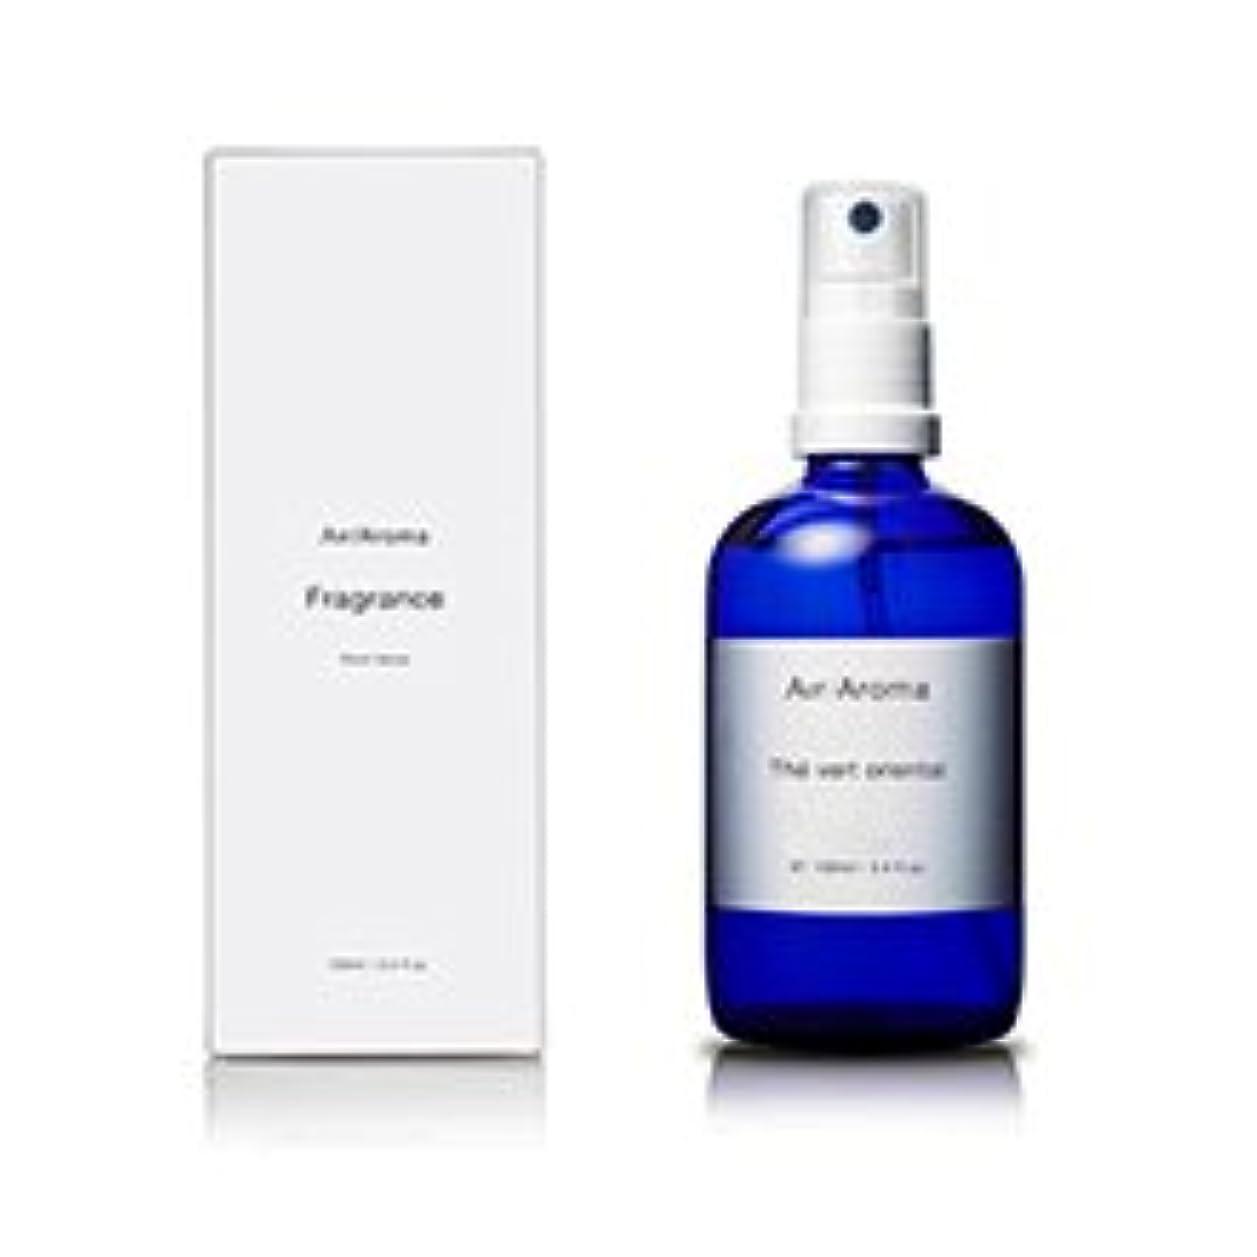 会計士楽しませる受付エアアロマ the vert oriental room fragrance(テヴェールオリエンタル ルームフレグランス) 100ml